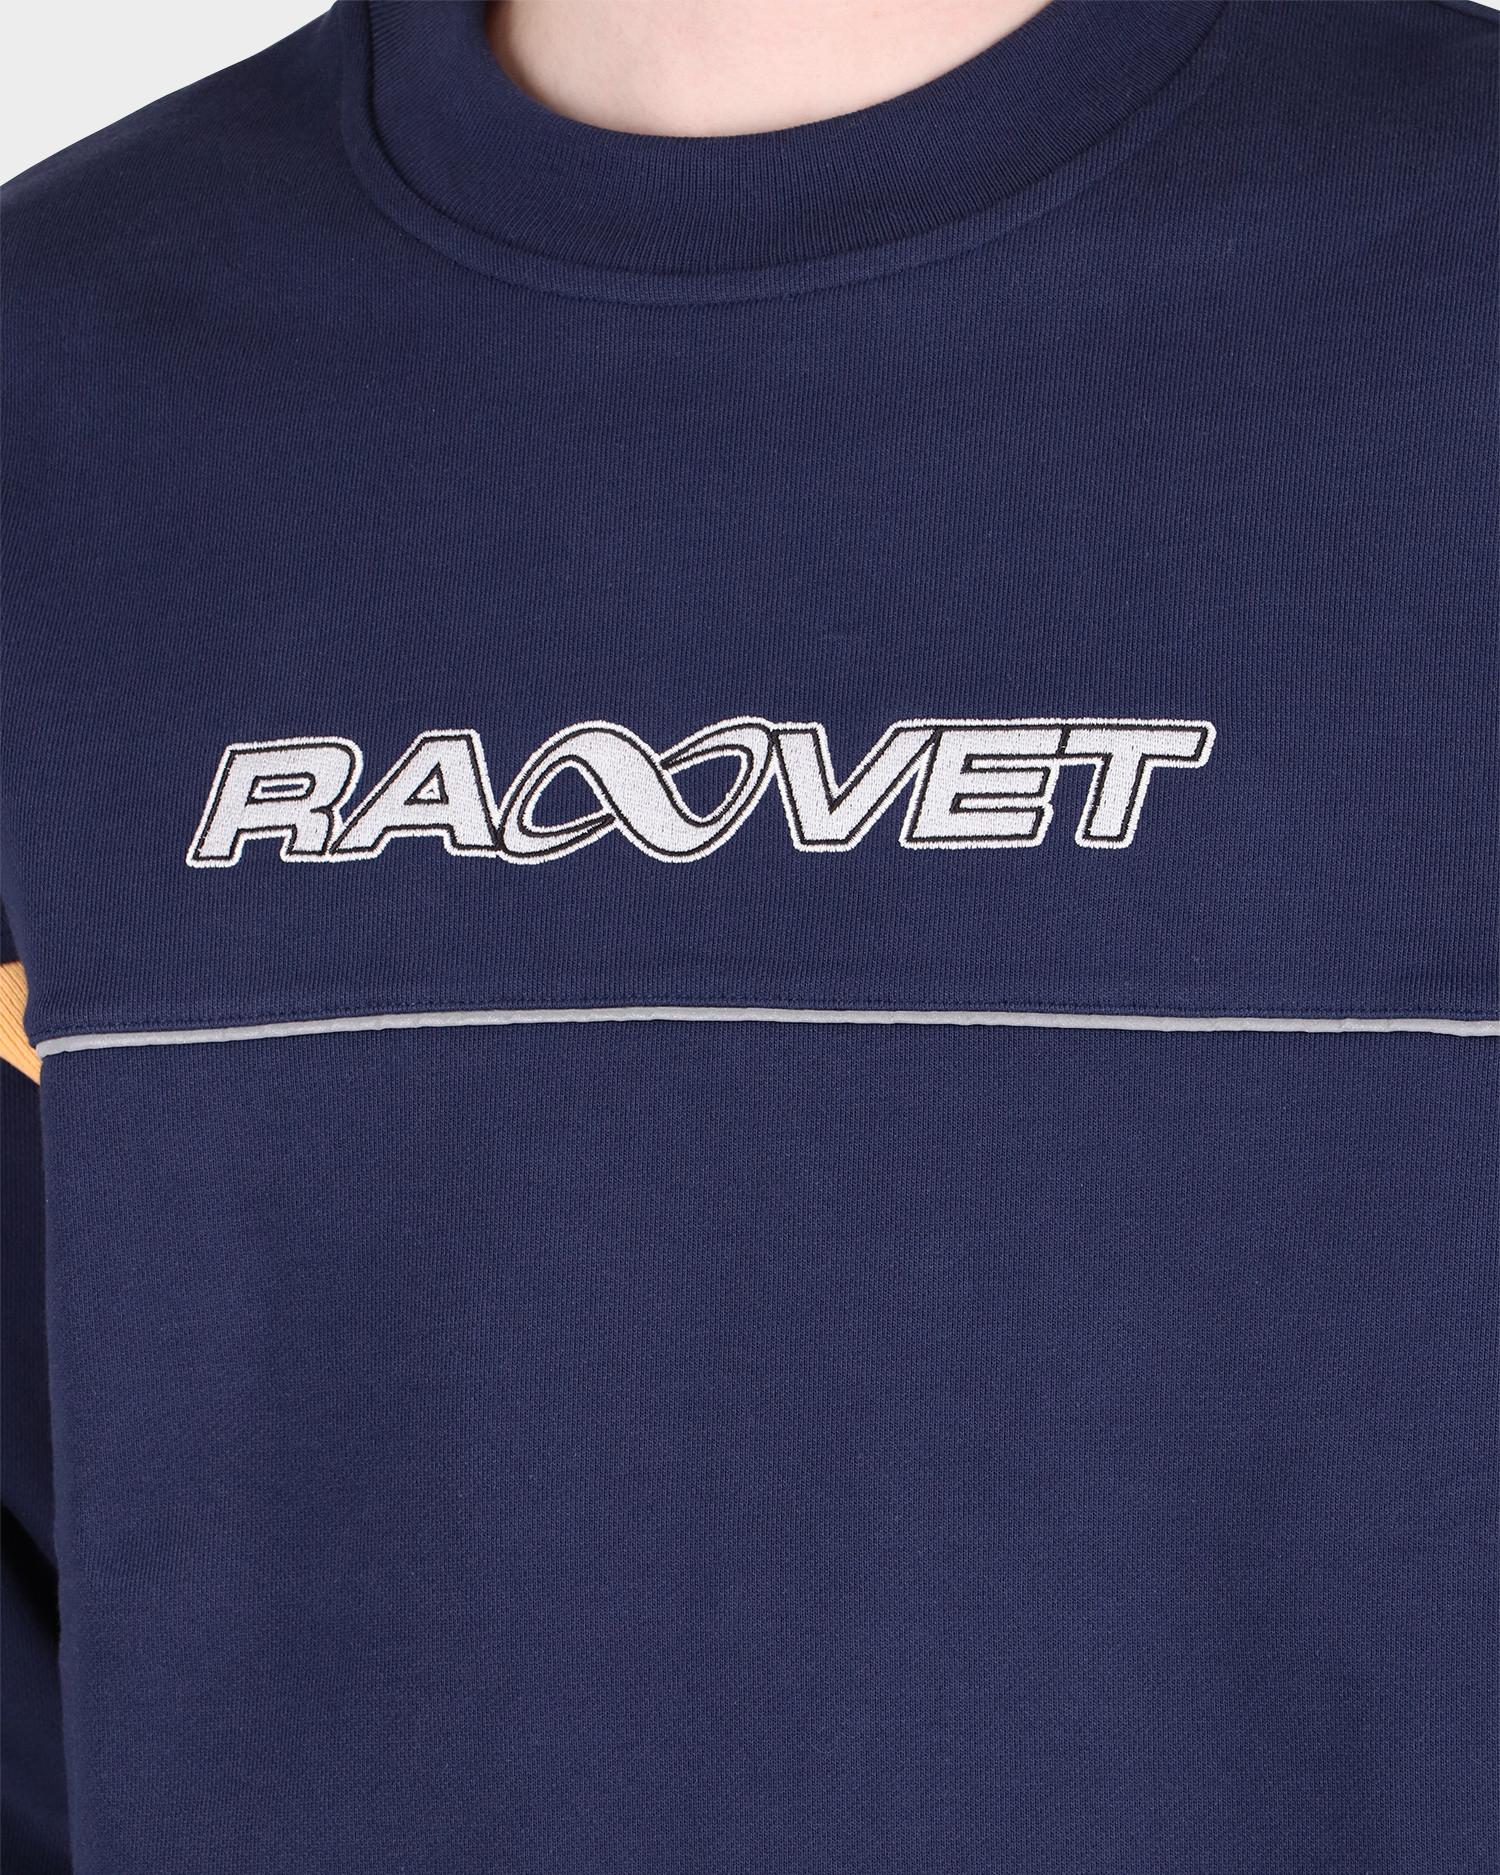 Paccbet Men's Embroidered Sweatshirt Navy